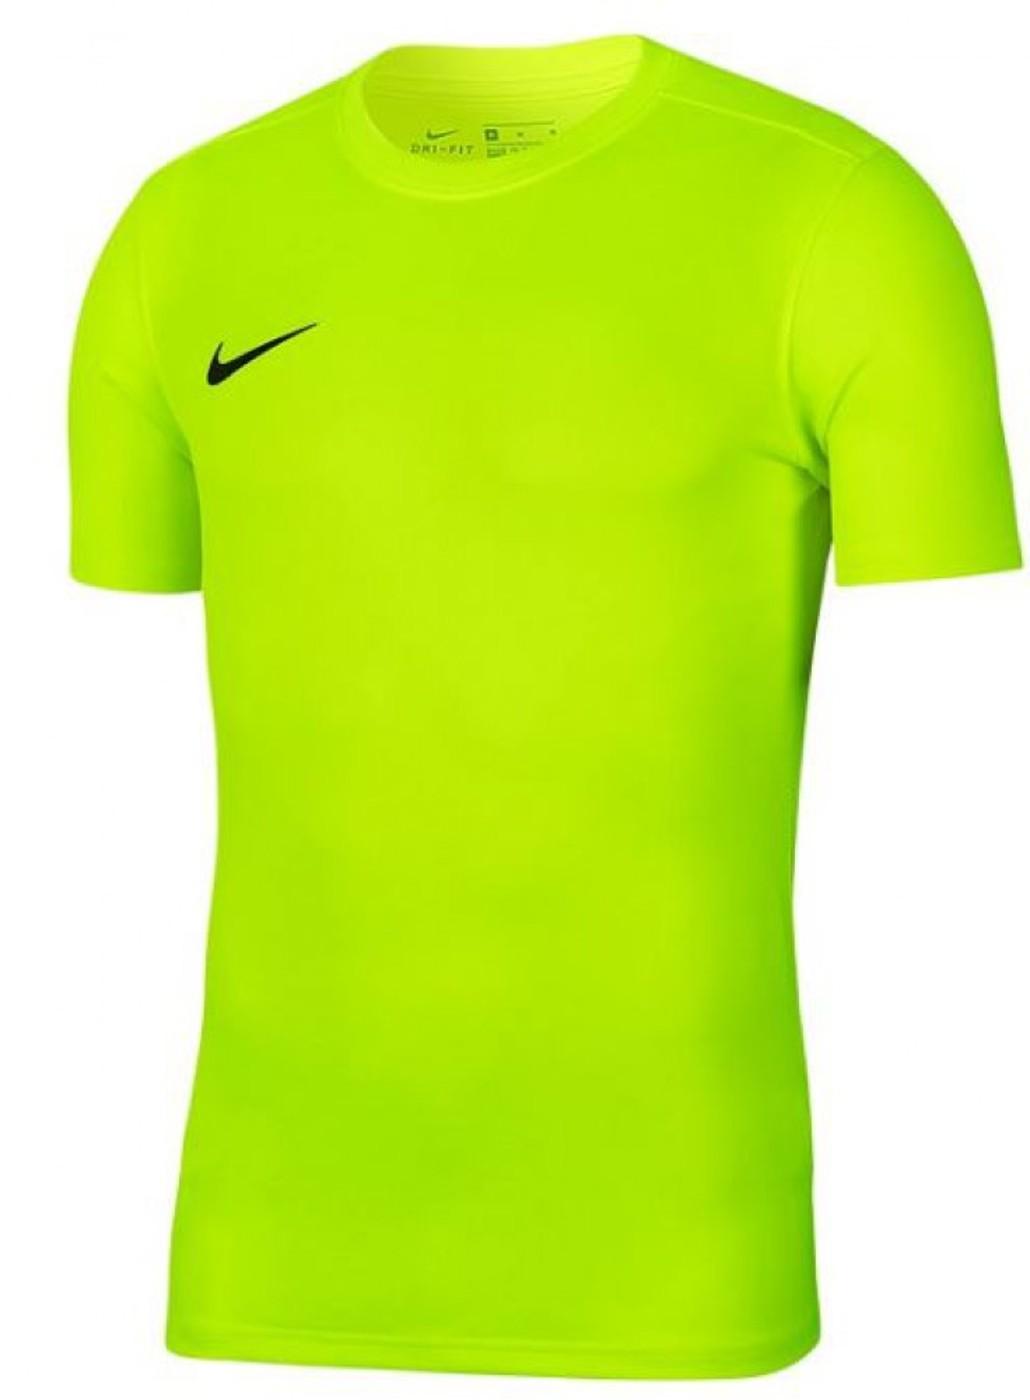 Nike Dri-FIT Park 7 Big - Kinder